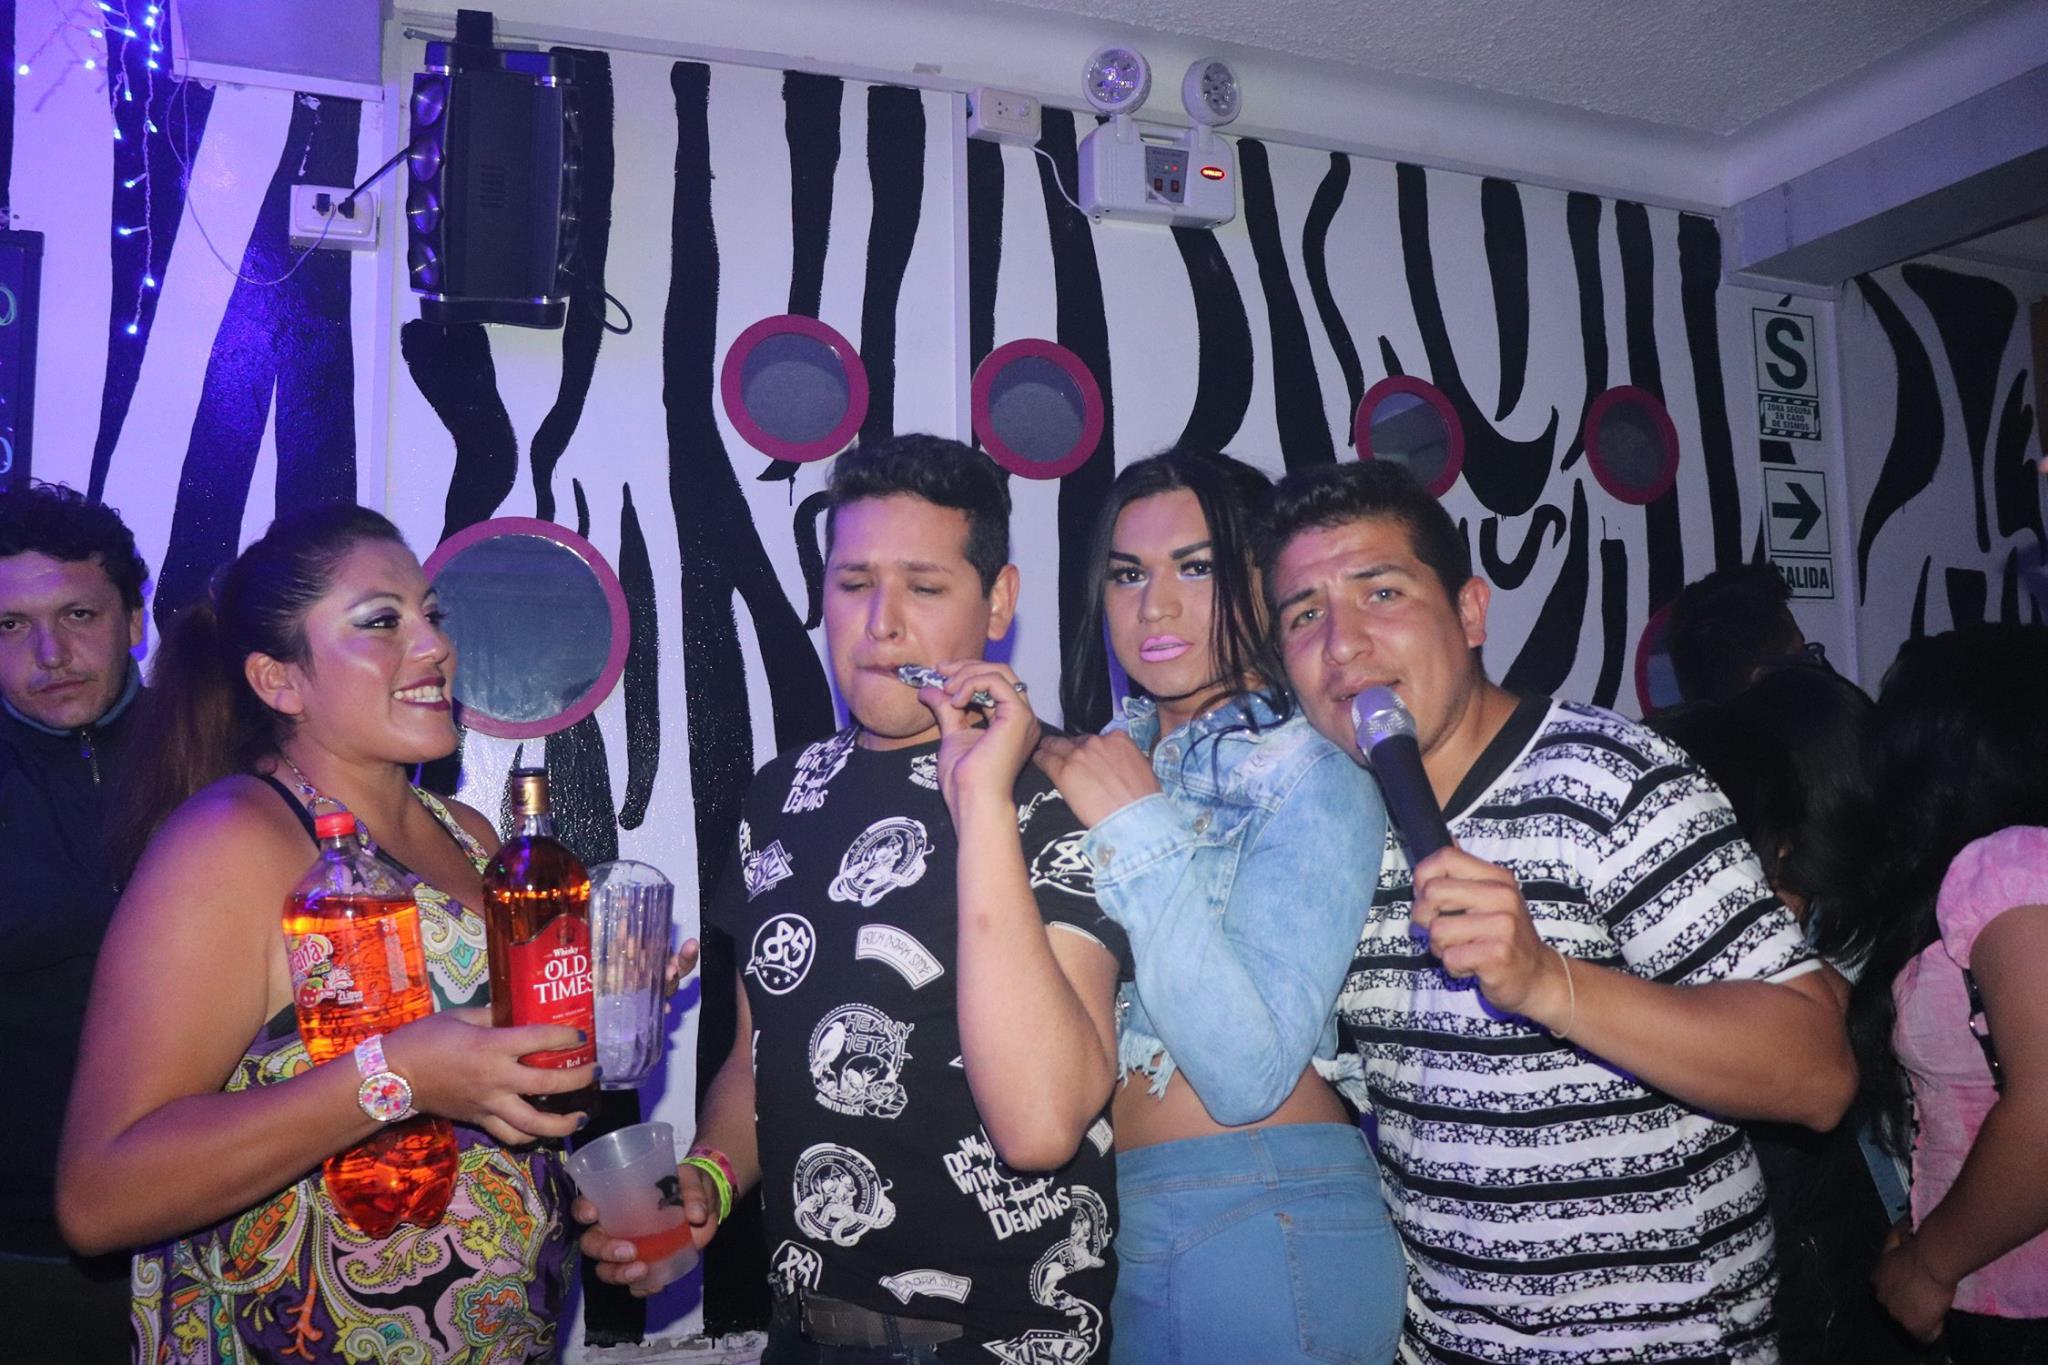 Ibiza Club cusco - Ibiza Club Open Mind